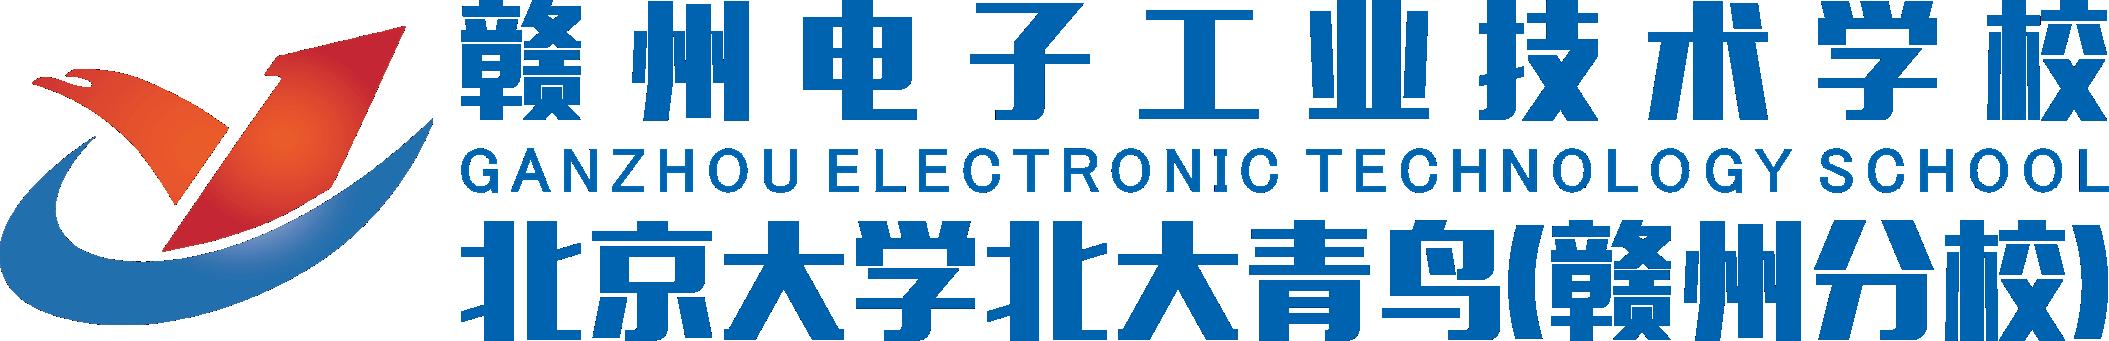 赣州电子工业技术学校